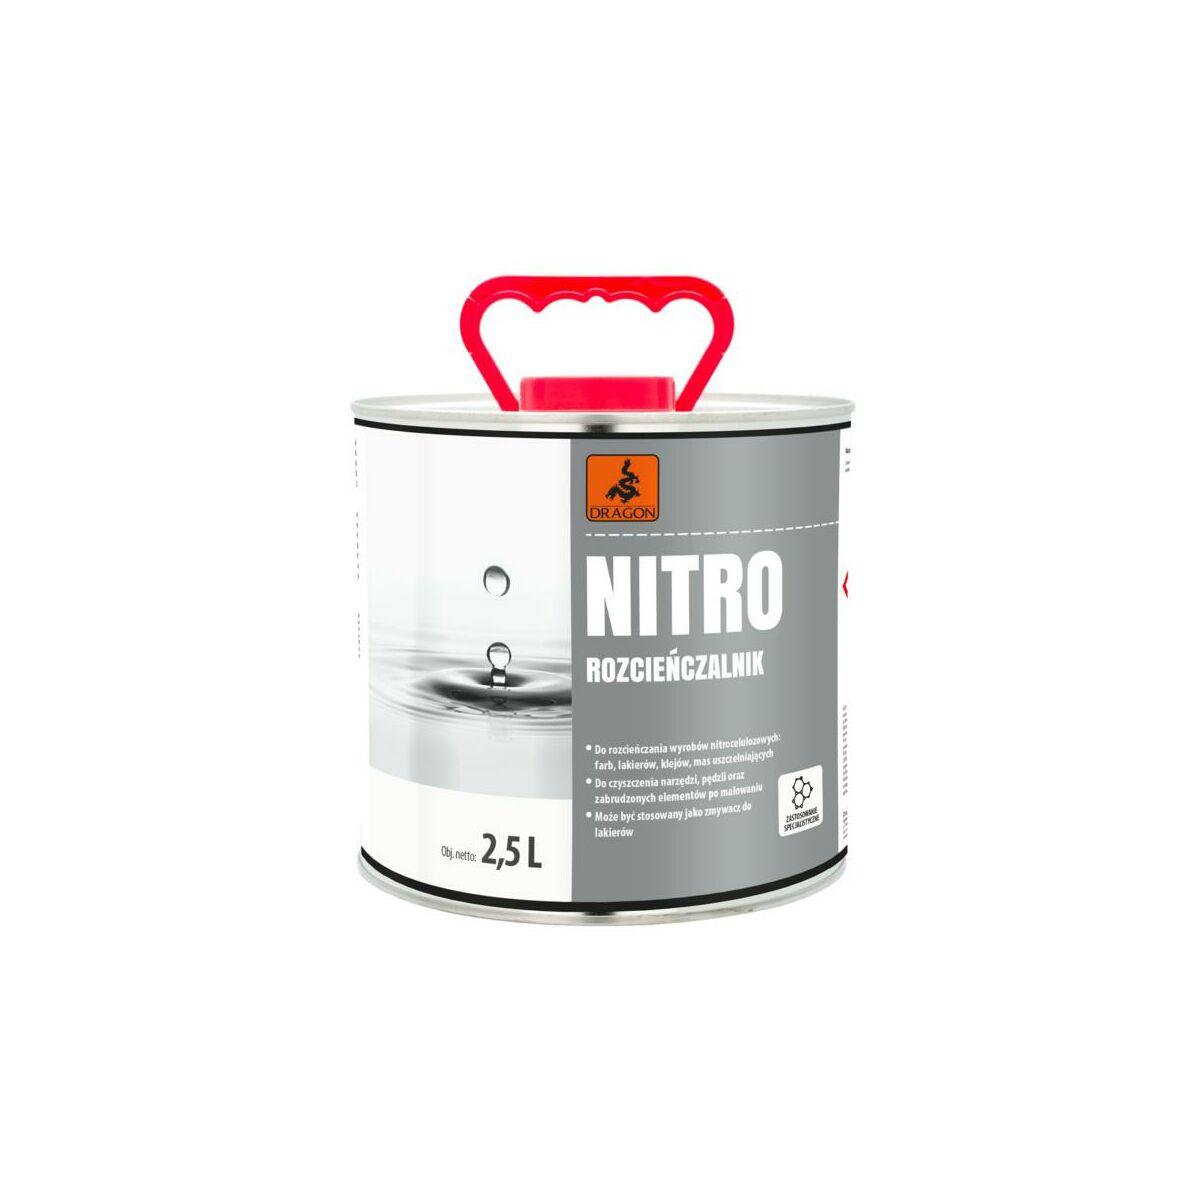 Rozpuszczalnik Nitro 2 5 L Dragon Rozcienczalniki Rozpuszczalniki W Atrakcyjnej Cenie W Sklepach Leroy Merlin